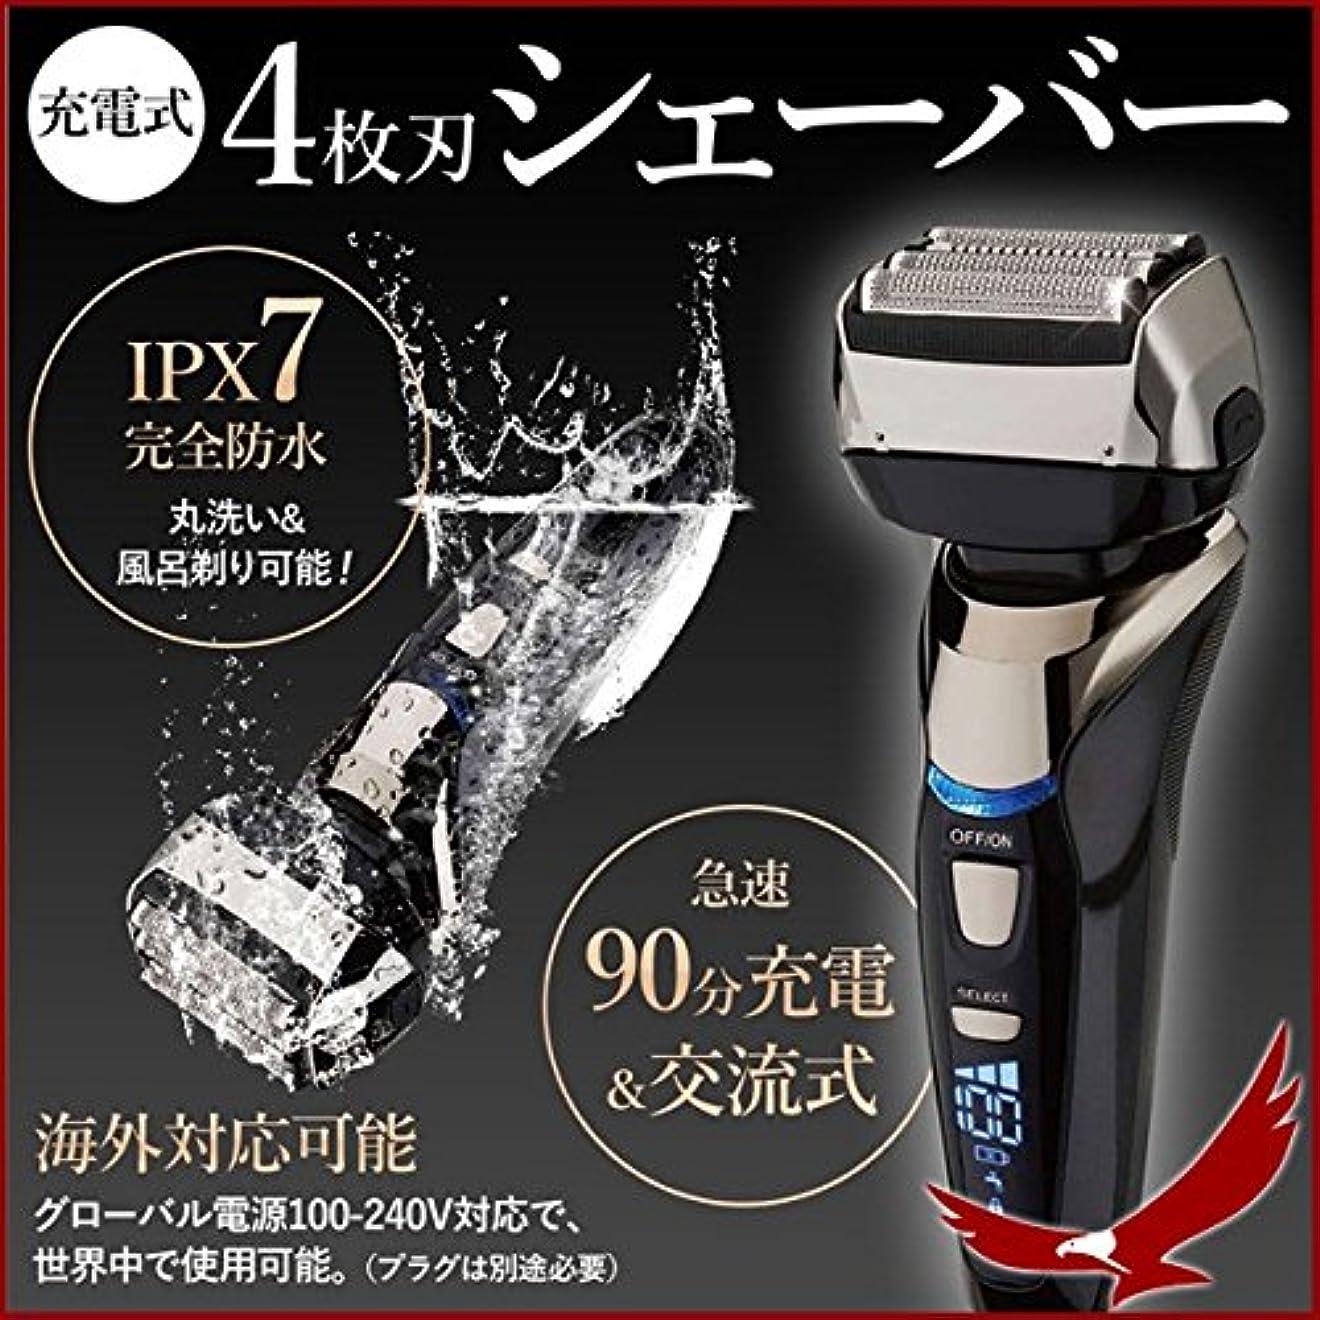 スープ言い直す支店4枚刃充交両用シェーバー GD-S401 完全防水!丸洗いOK! (黒)